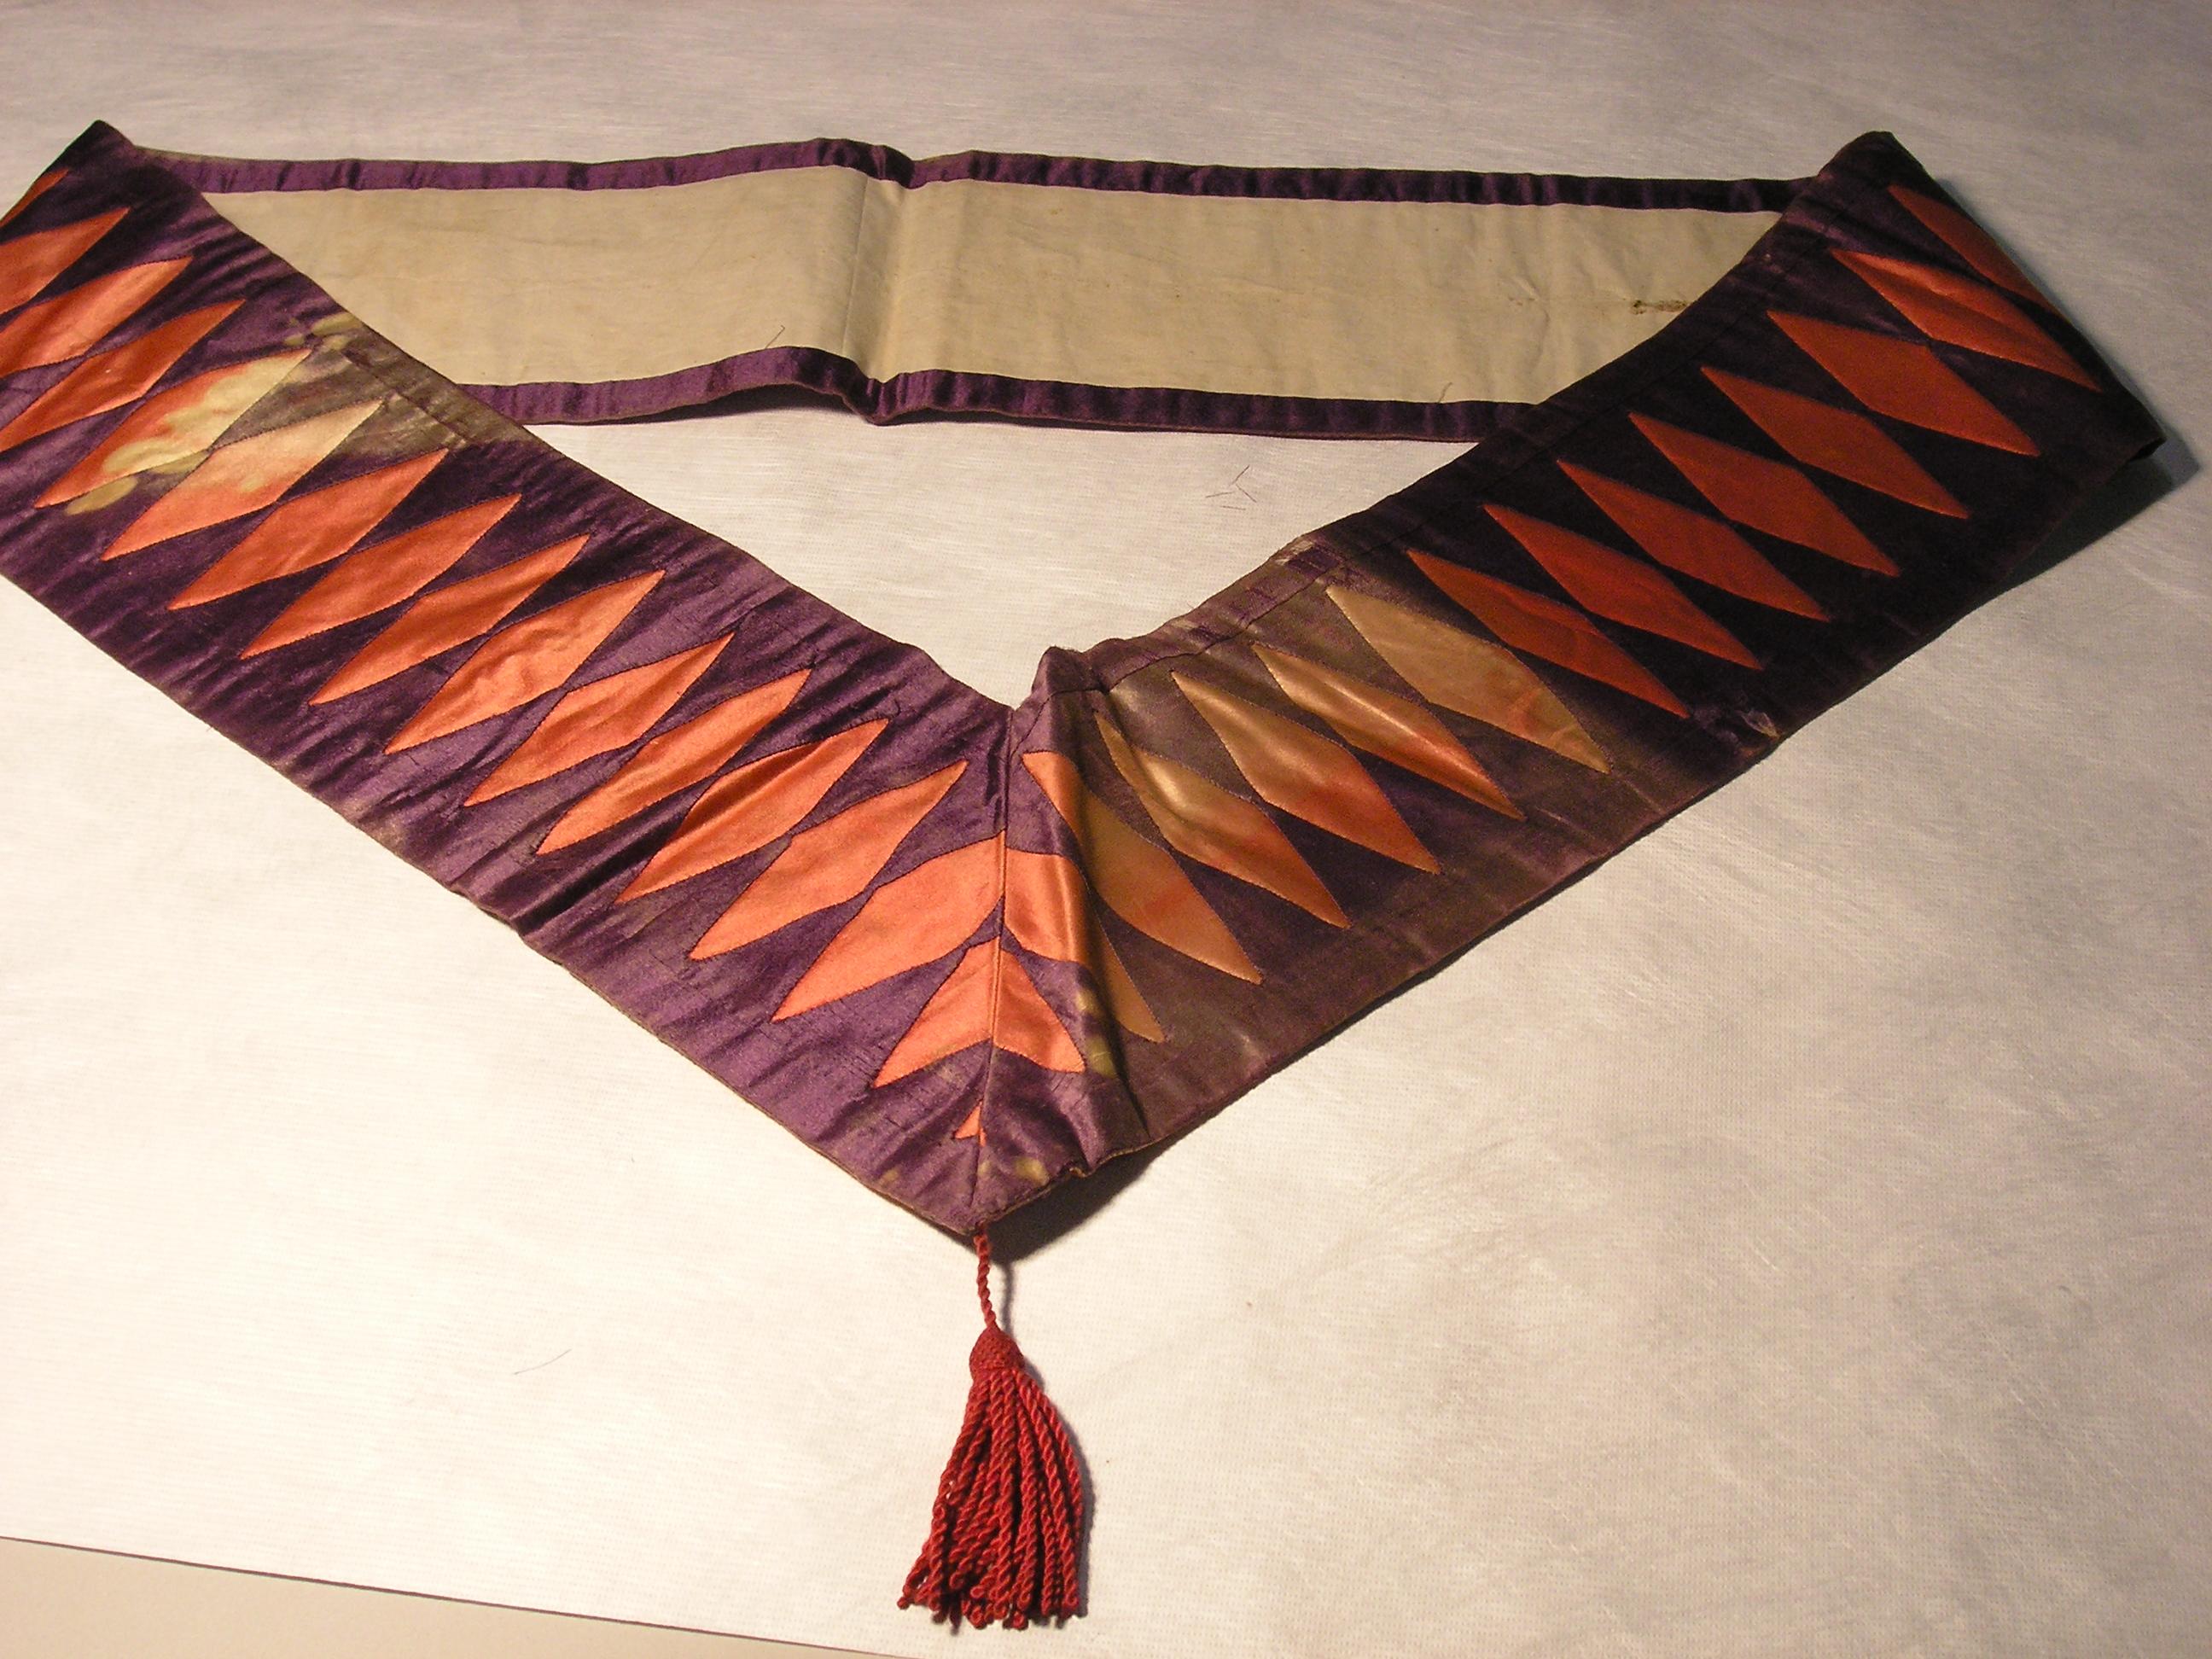 File:Collar and apron, Masonic (AM 1965 78 535-12) jpg - Wikimedia